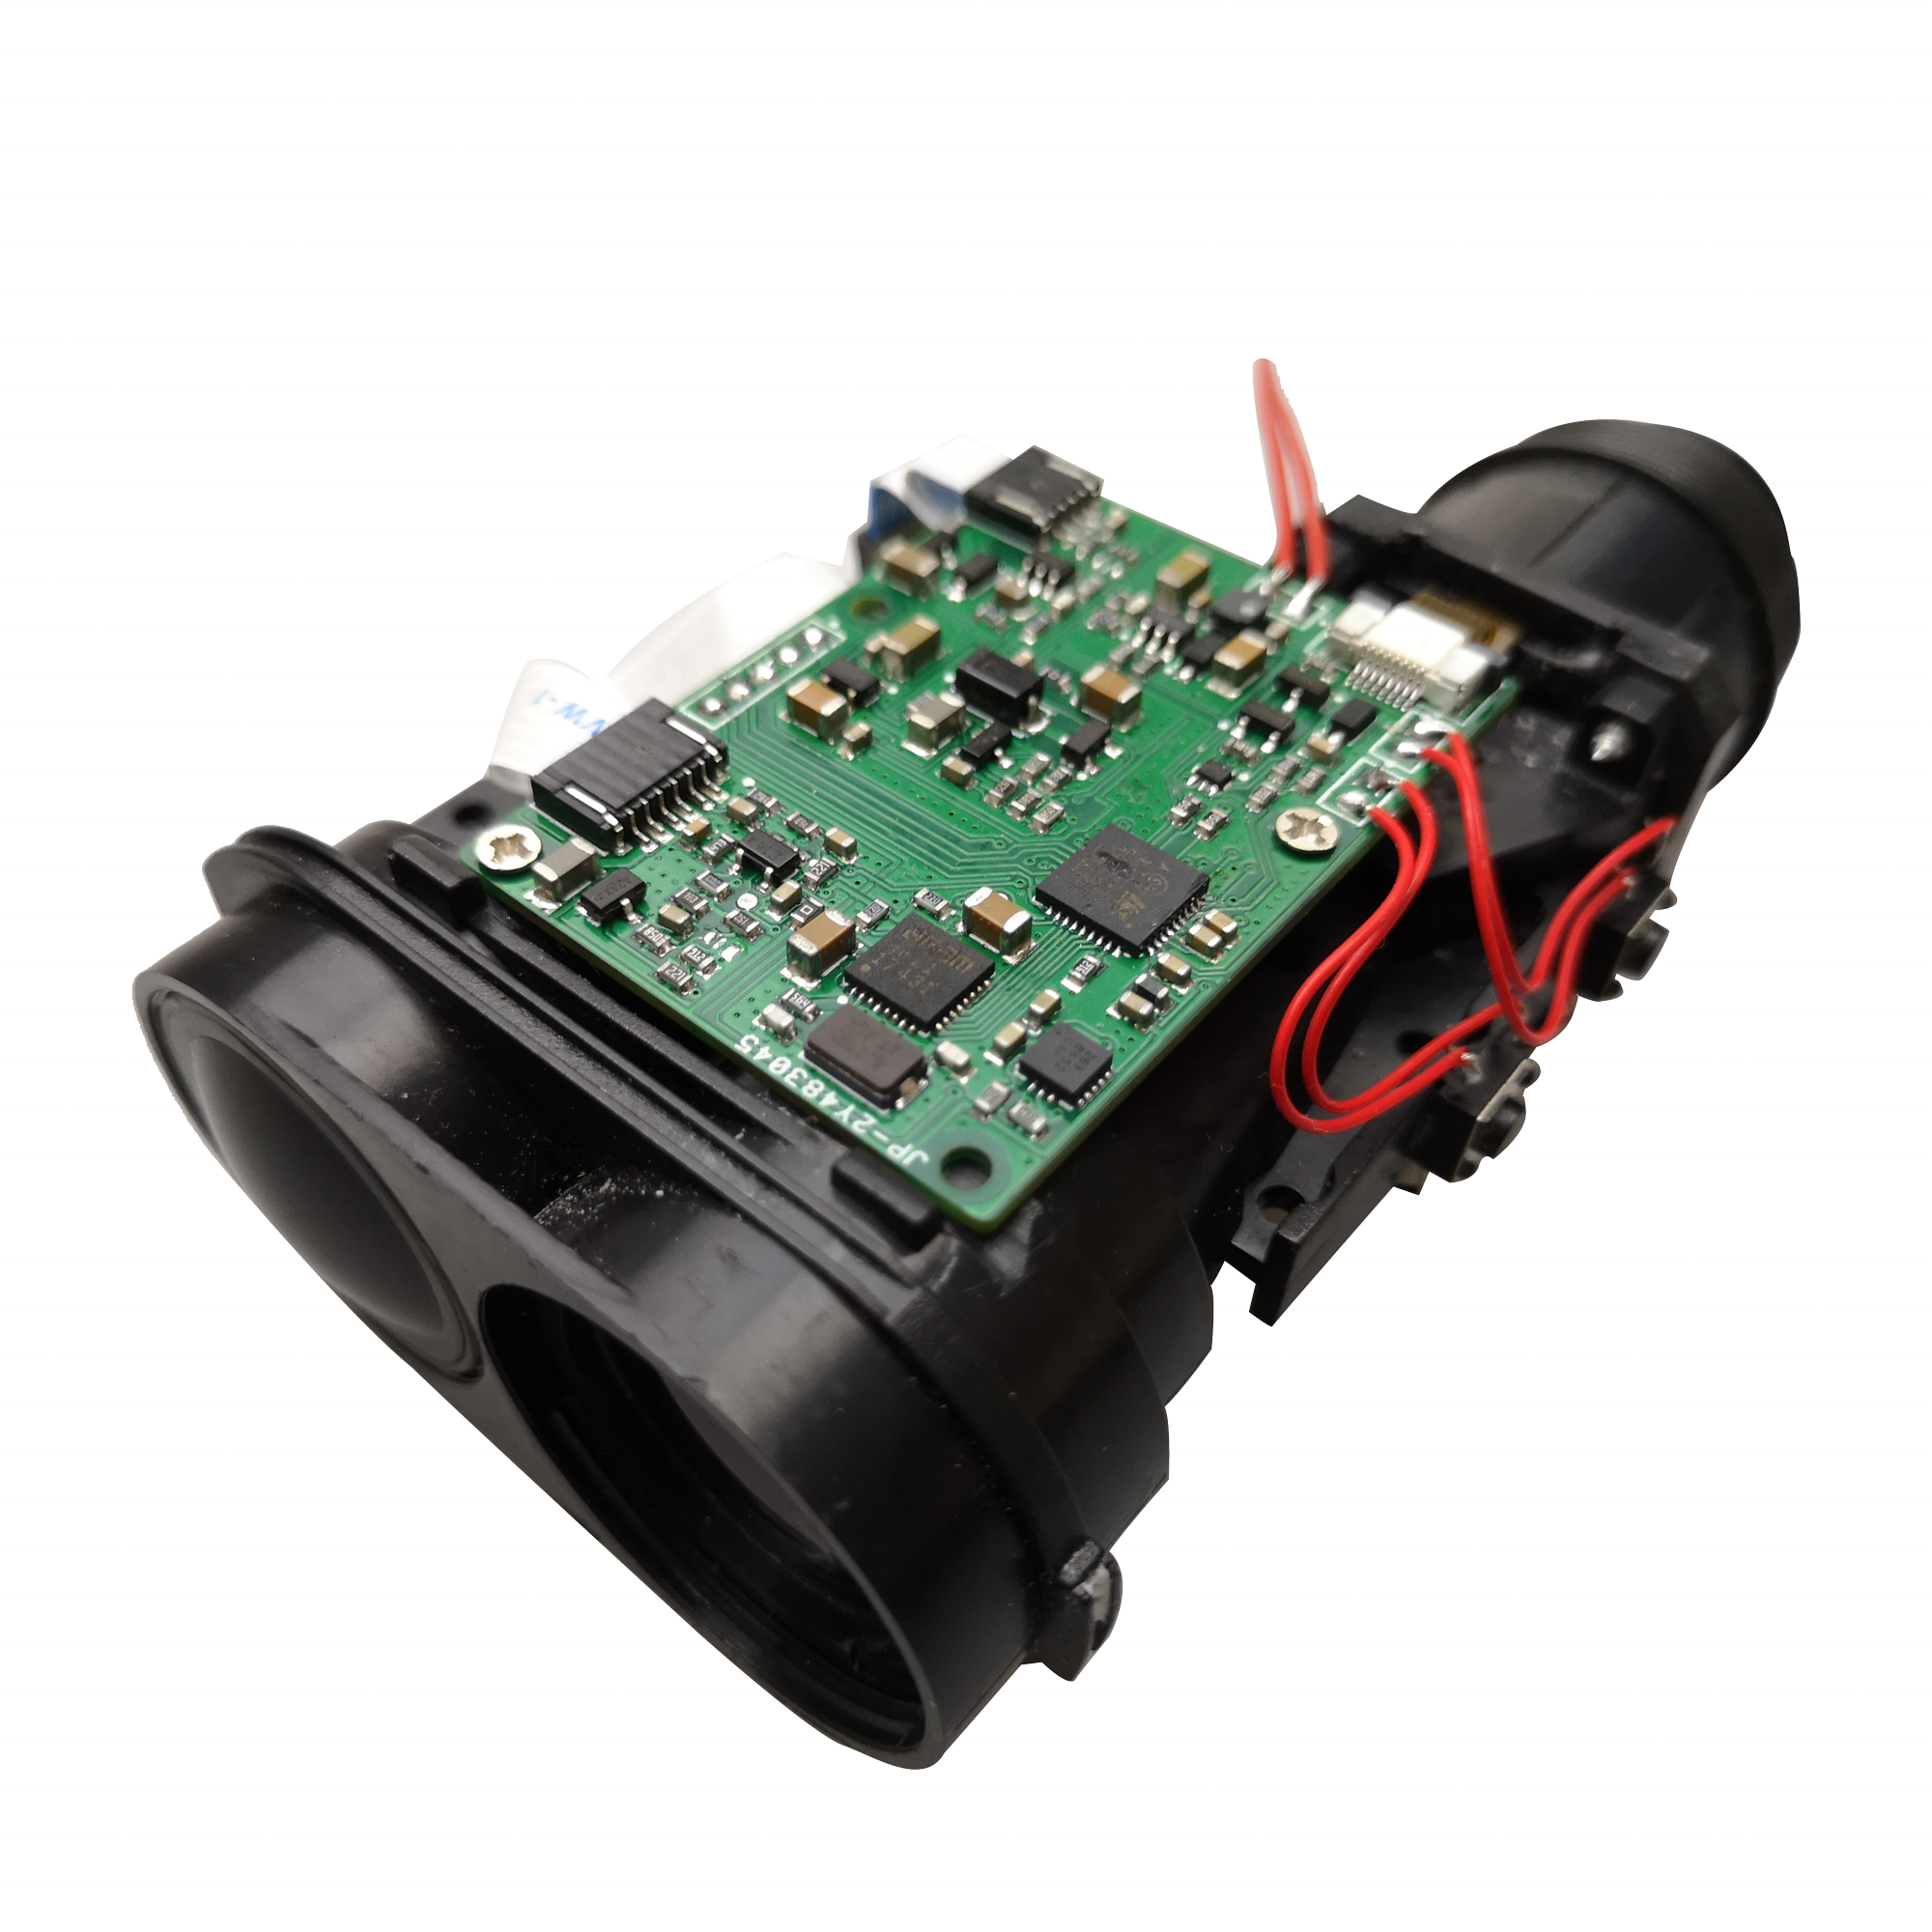 4000m Land Adjustable Magnification Laser Distance Meter Range Finder Laser Rangefinder Oem Module